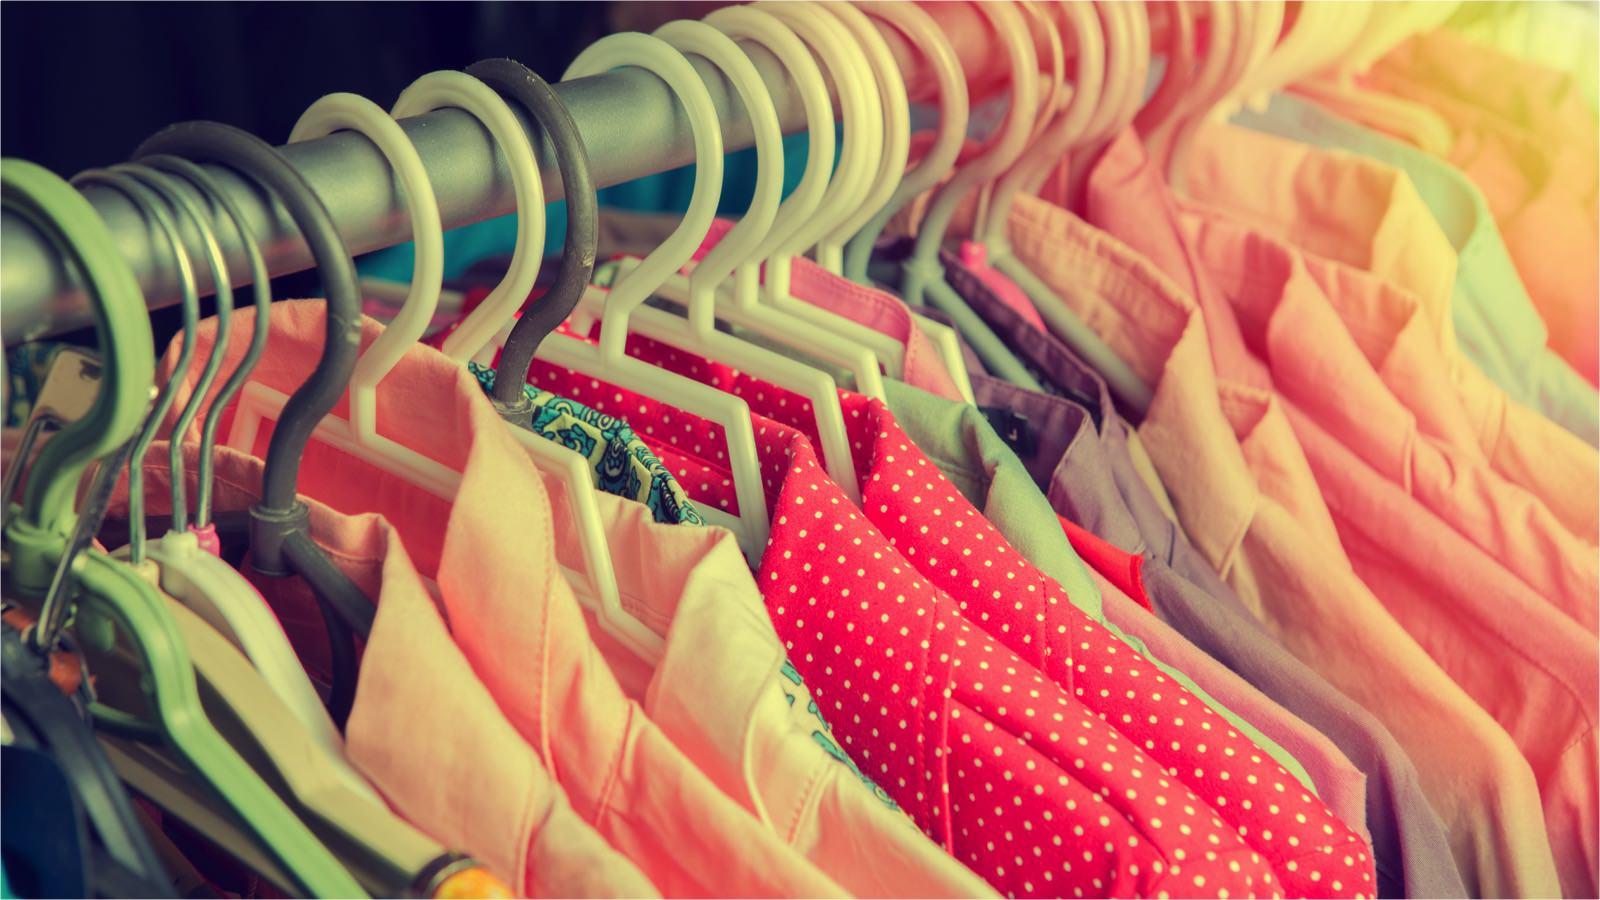 ファッション系インスタグラムのキャンペーン事例